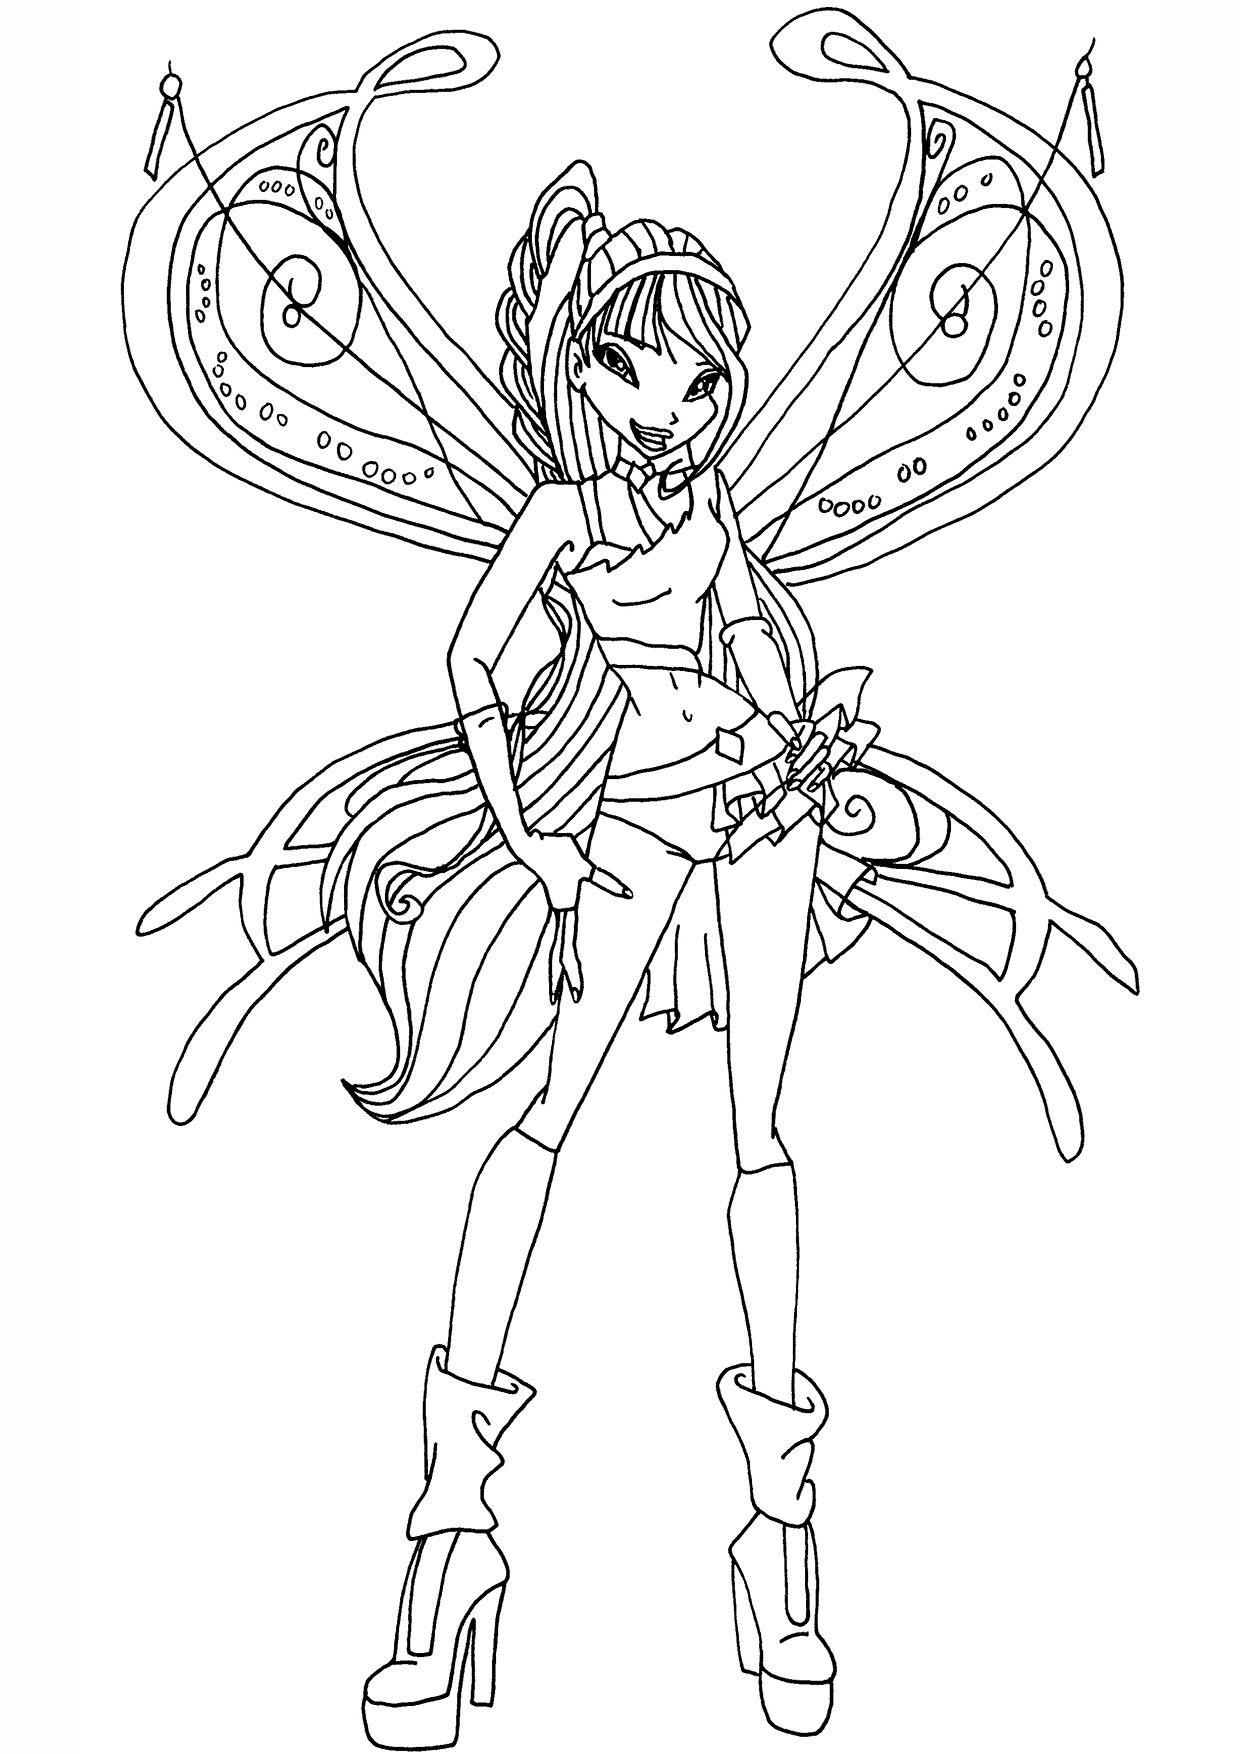 Hình tô màu công chúa phép thuật winx